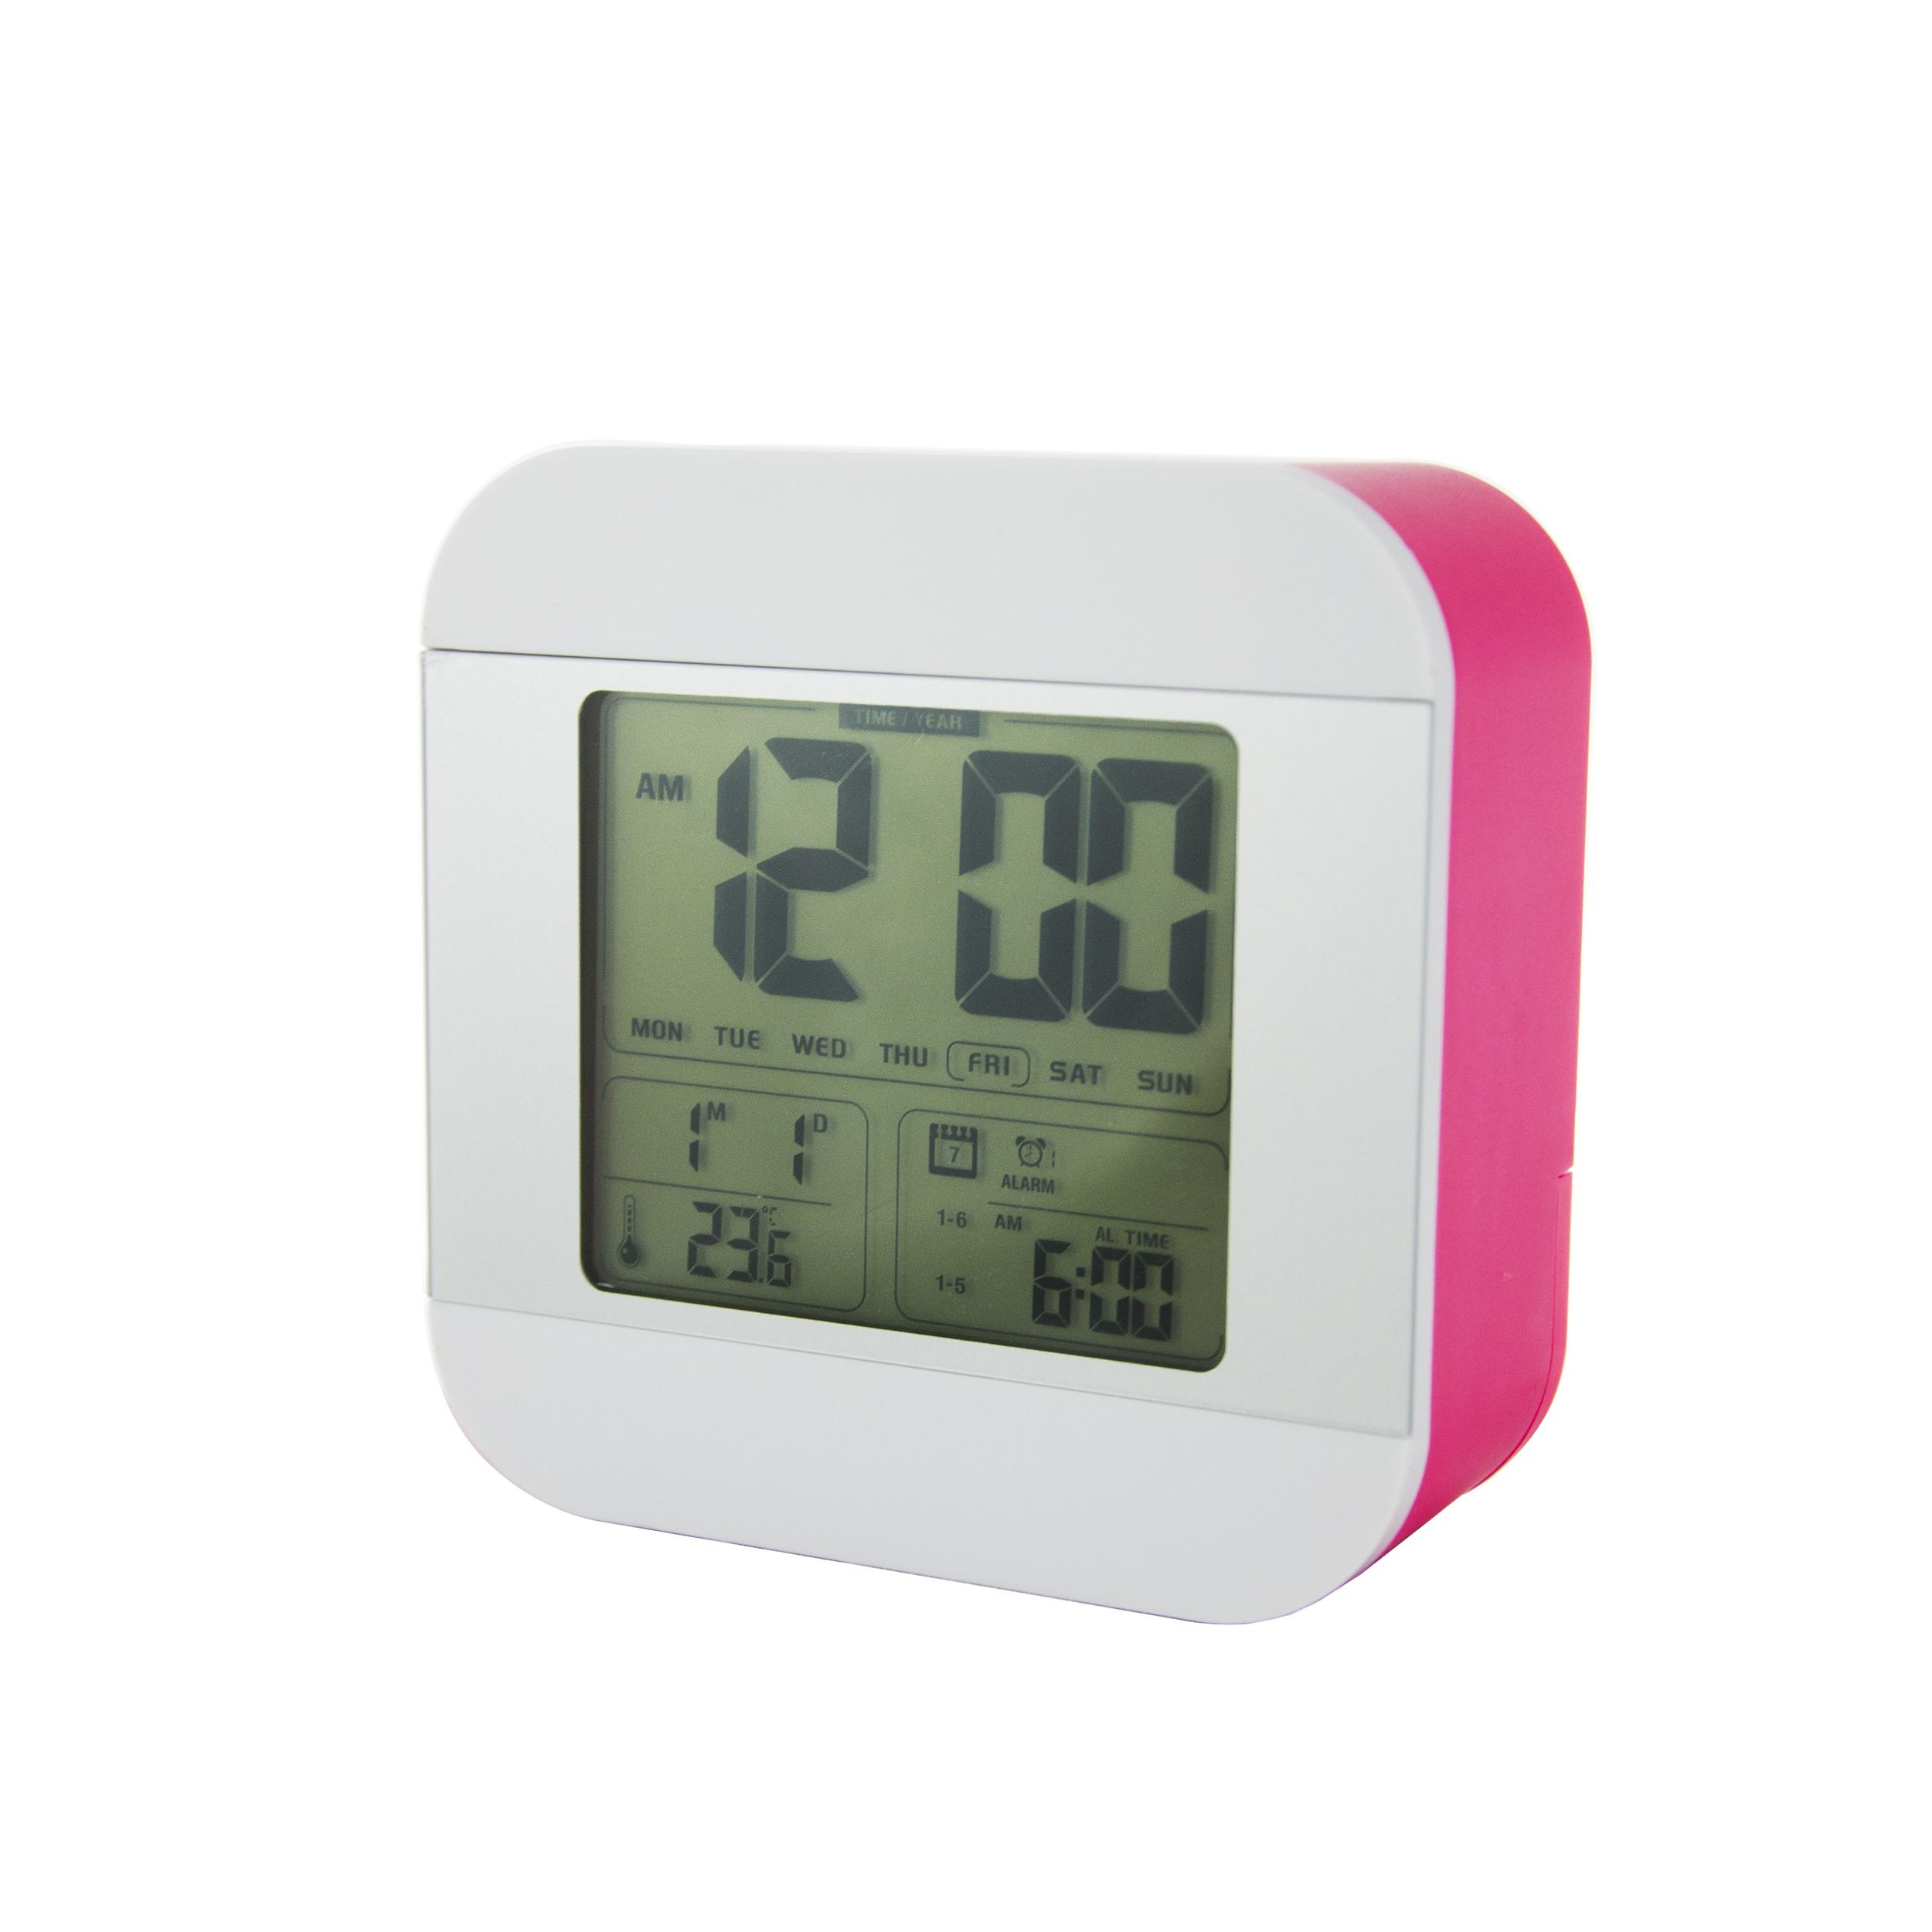 خرید ساعت رومیزی دیجیتال اسمارت مدل dp005